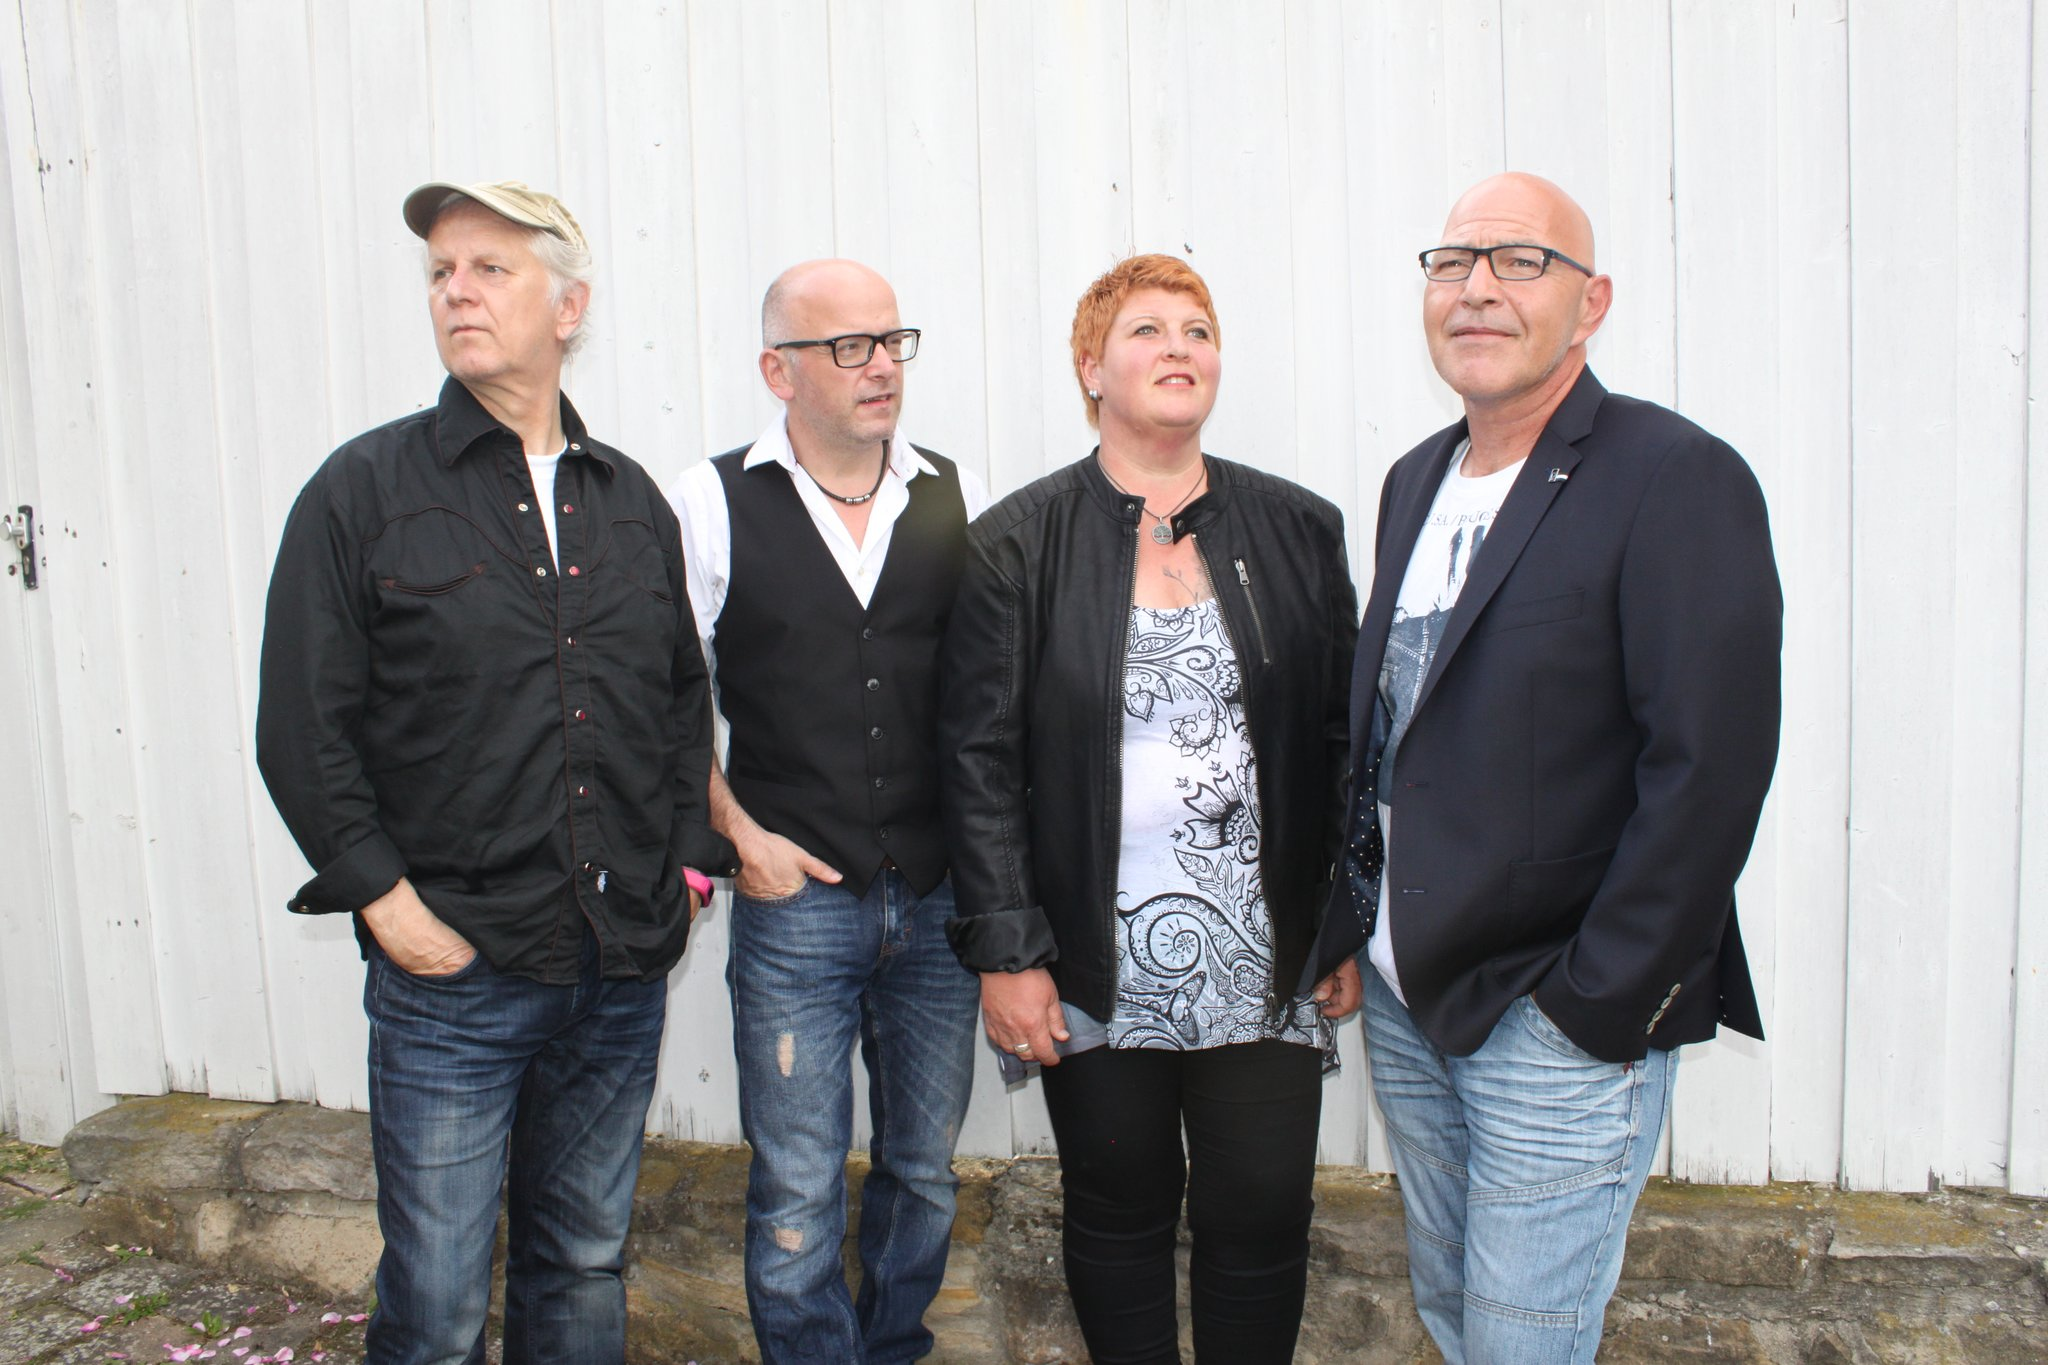 Südpfälzer Musiker gastieren in Leimersheim: Konzert in der ...